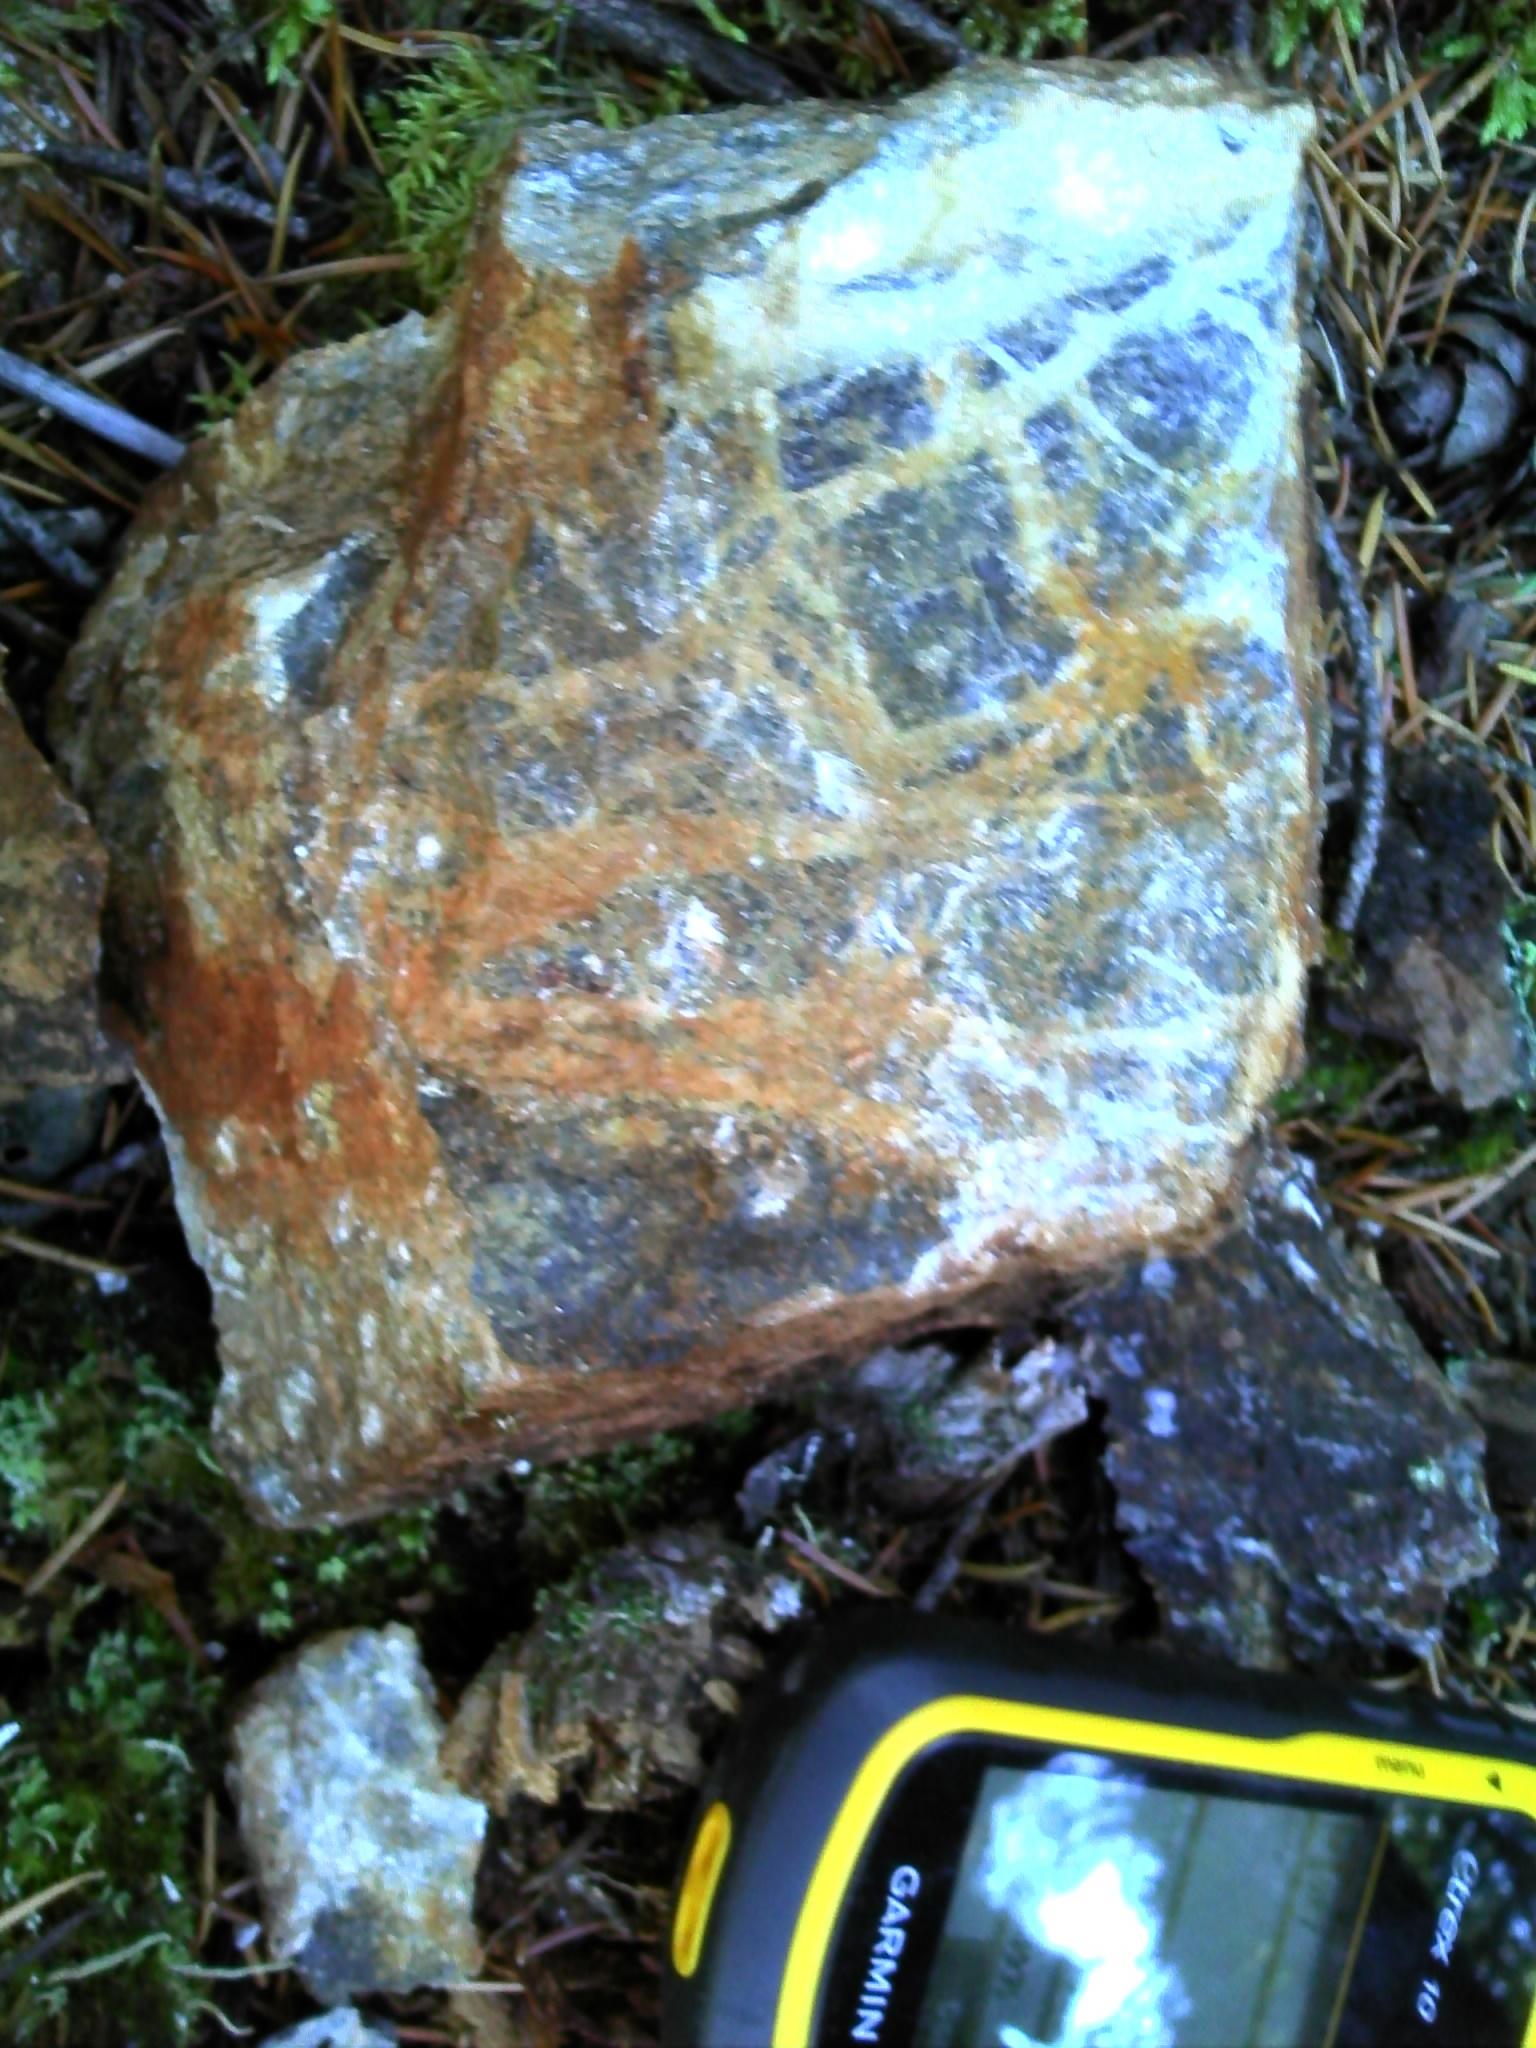 2019 Calcite veining in Serpentite